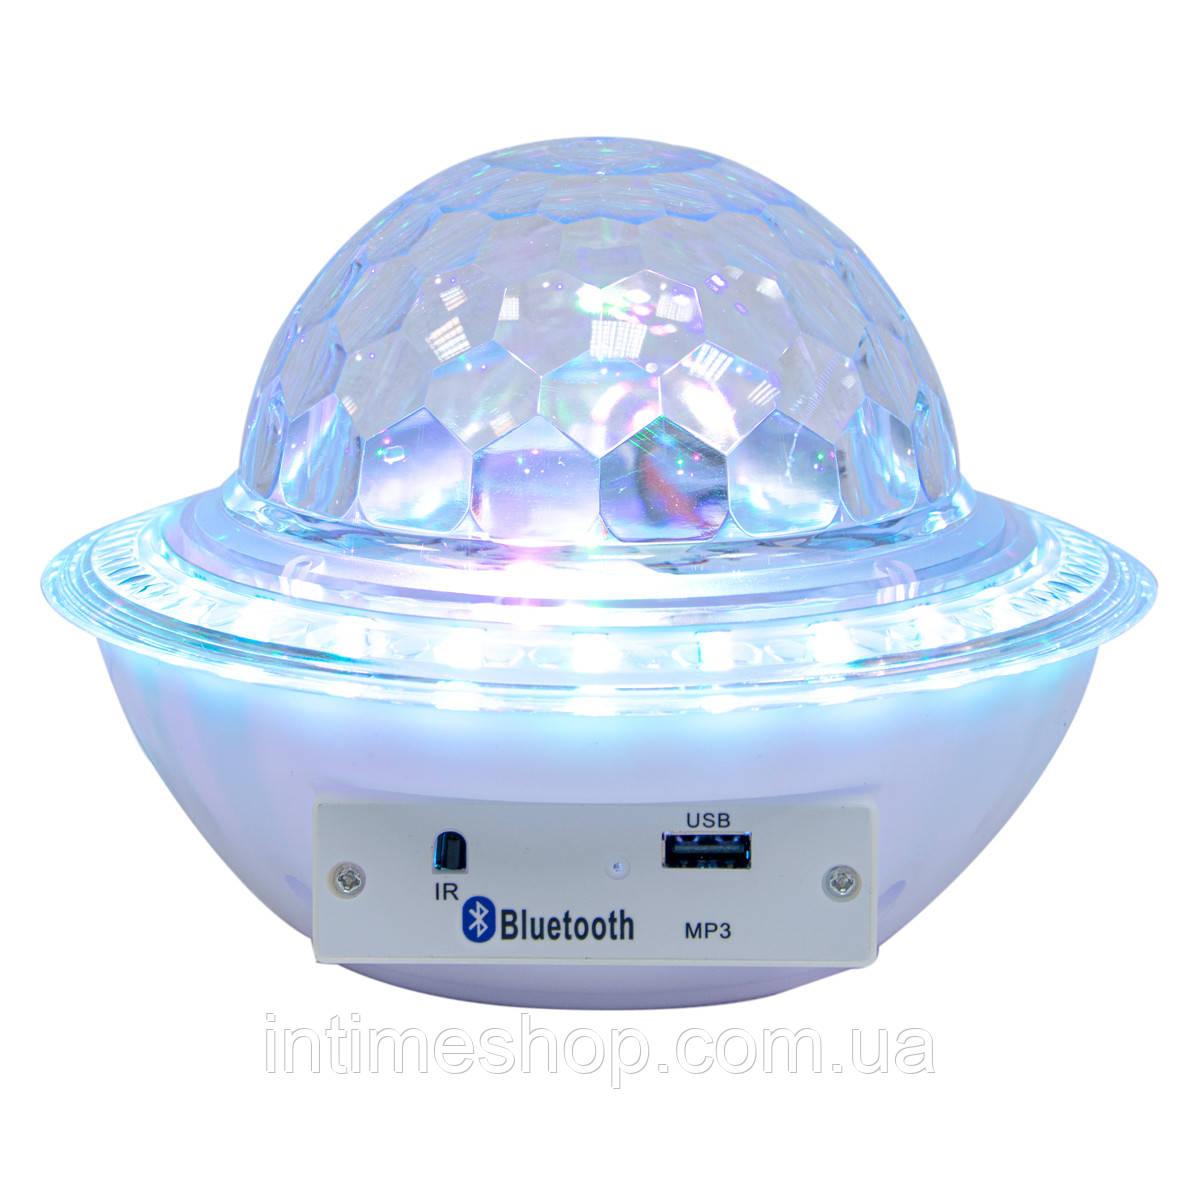 Диско шар с блютузом Ufo crystal magic ball - Белый, светодиодный музыкальный дискошар, цветомузыка (TI)